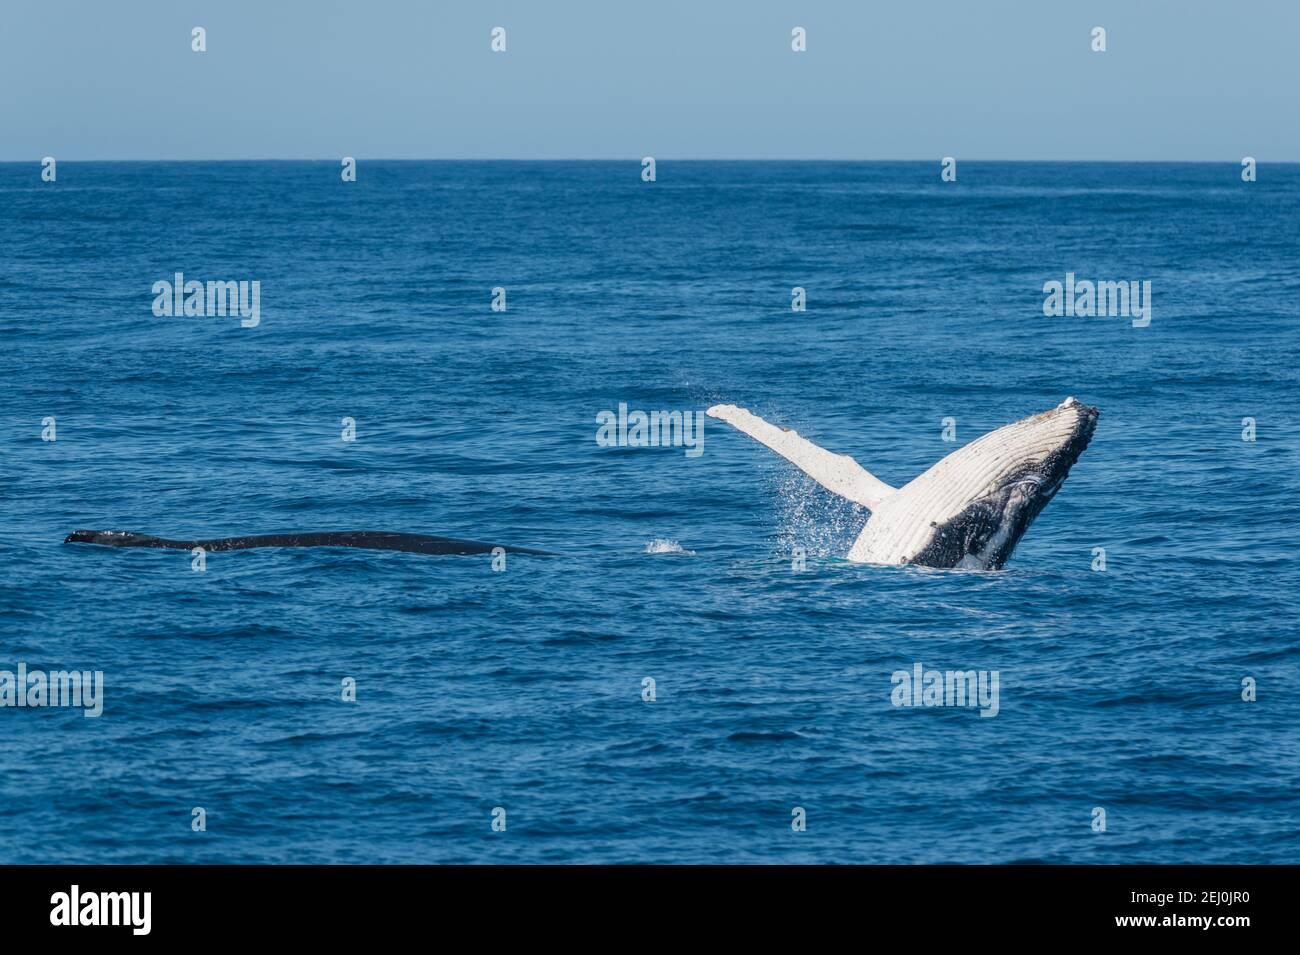 Observación de ballenas jorobadas, Bahía Merimbula, Nueva Gales del Sur, Australia. Foto de stock